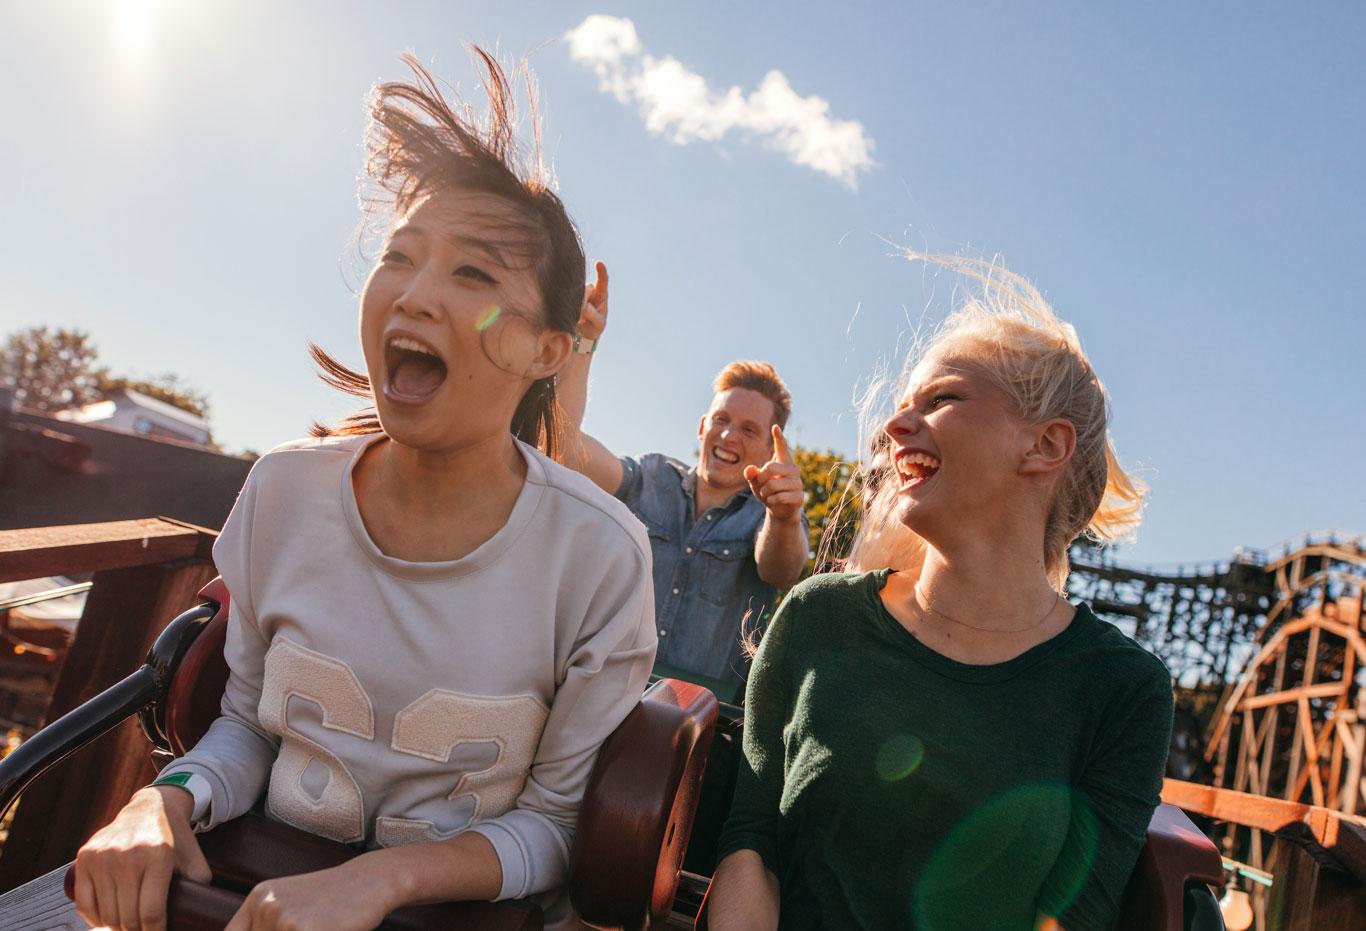 Roller-coaster-weightless-1366-0818